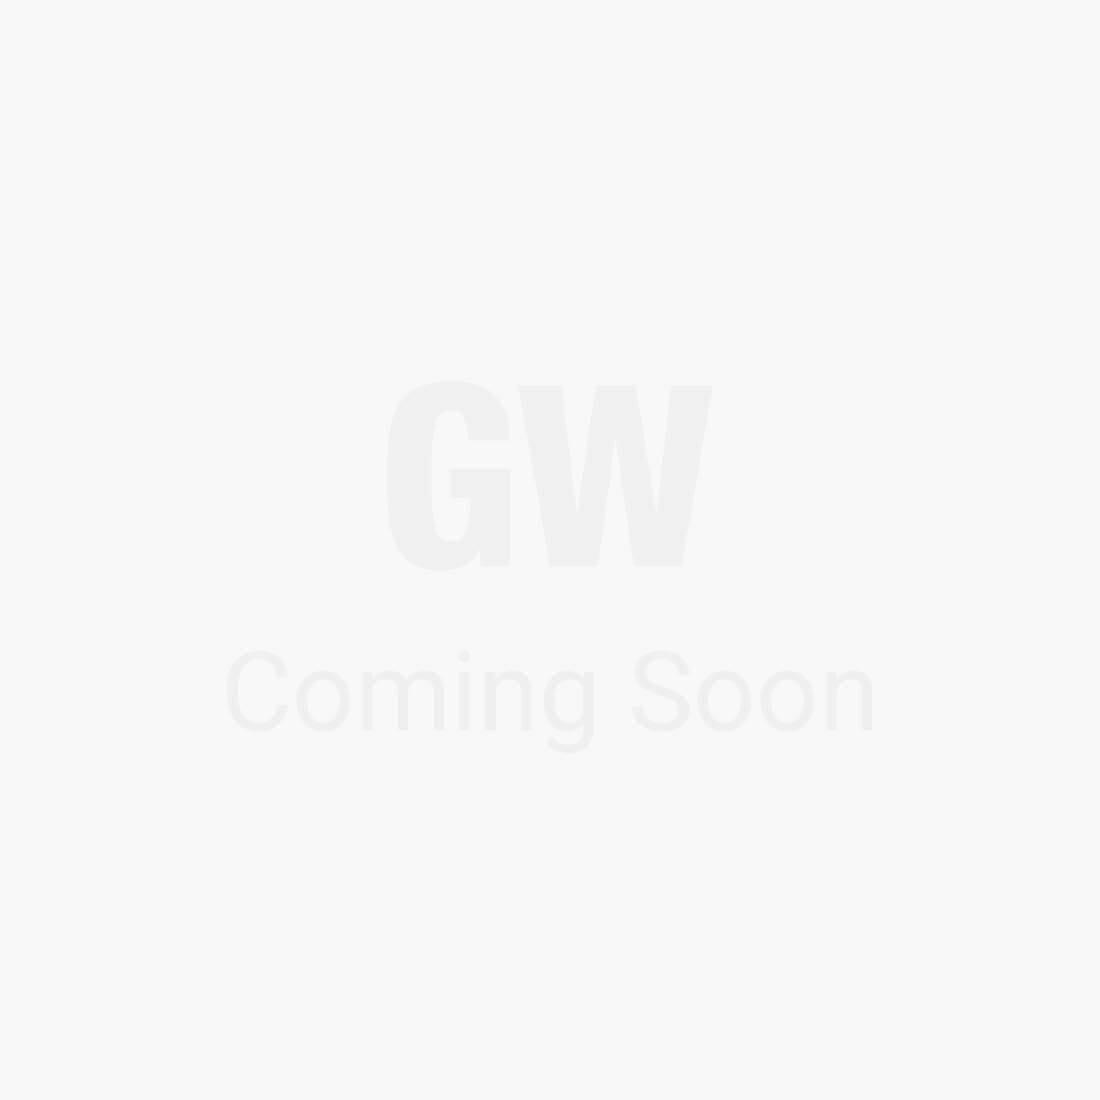 Natadora Scribe 1 Seater Sofa